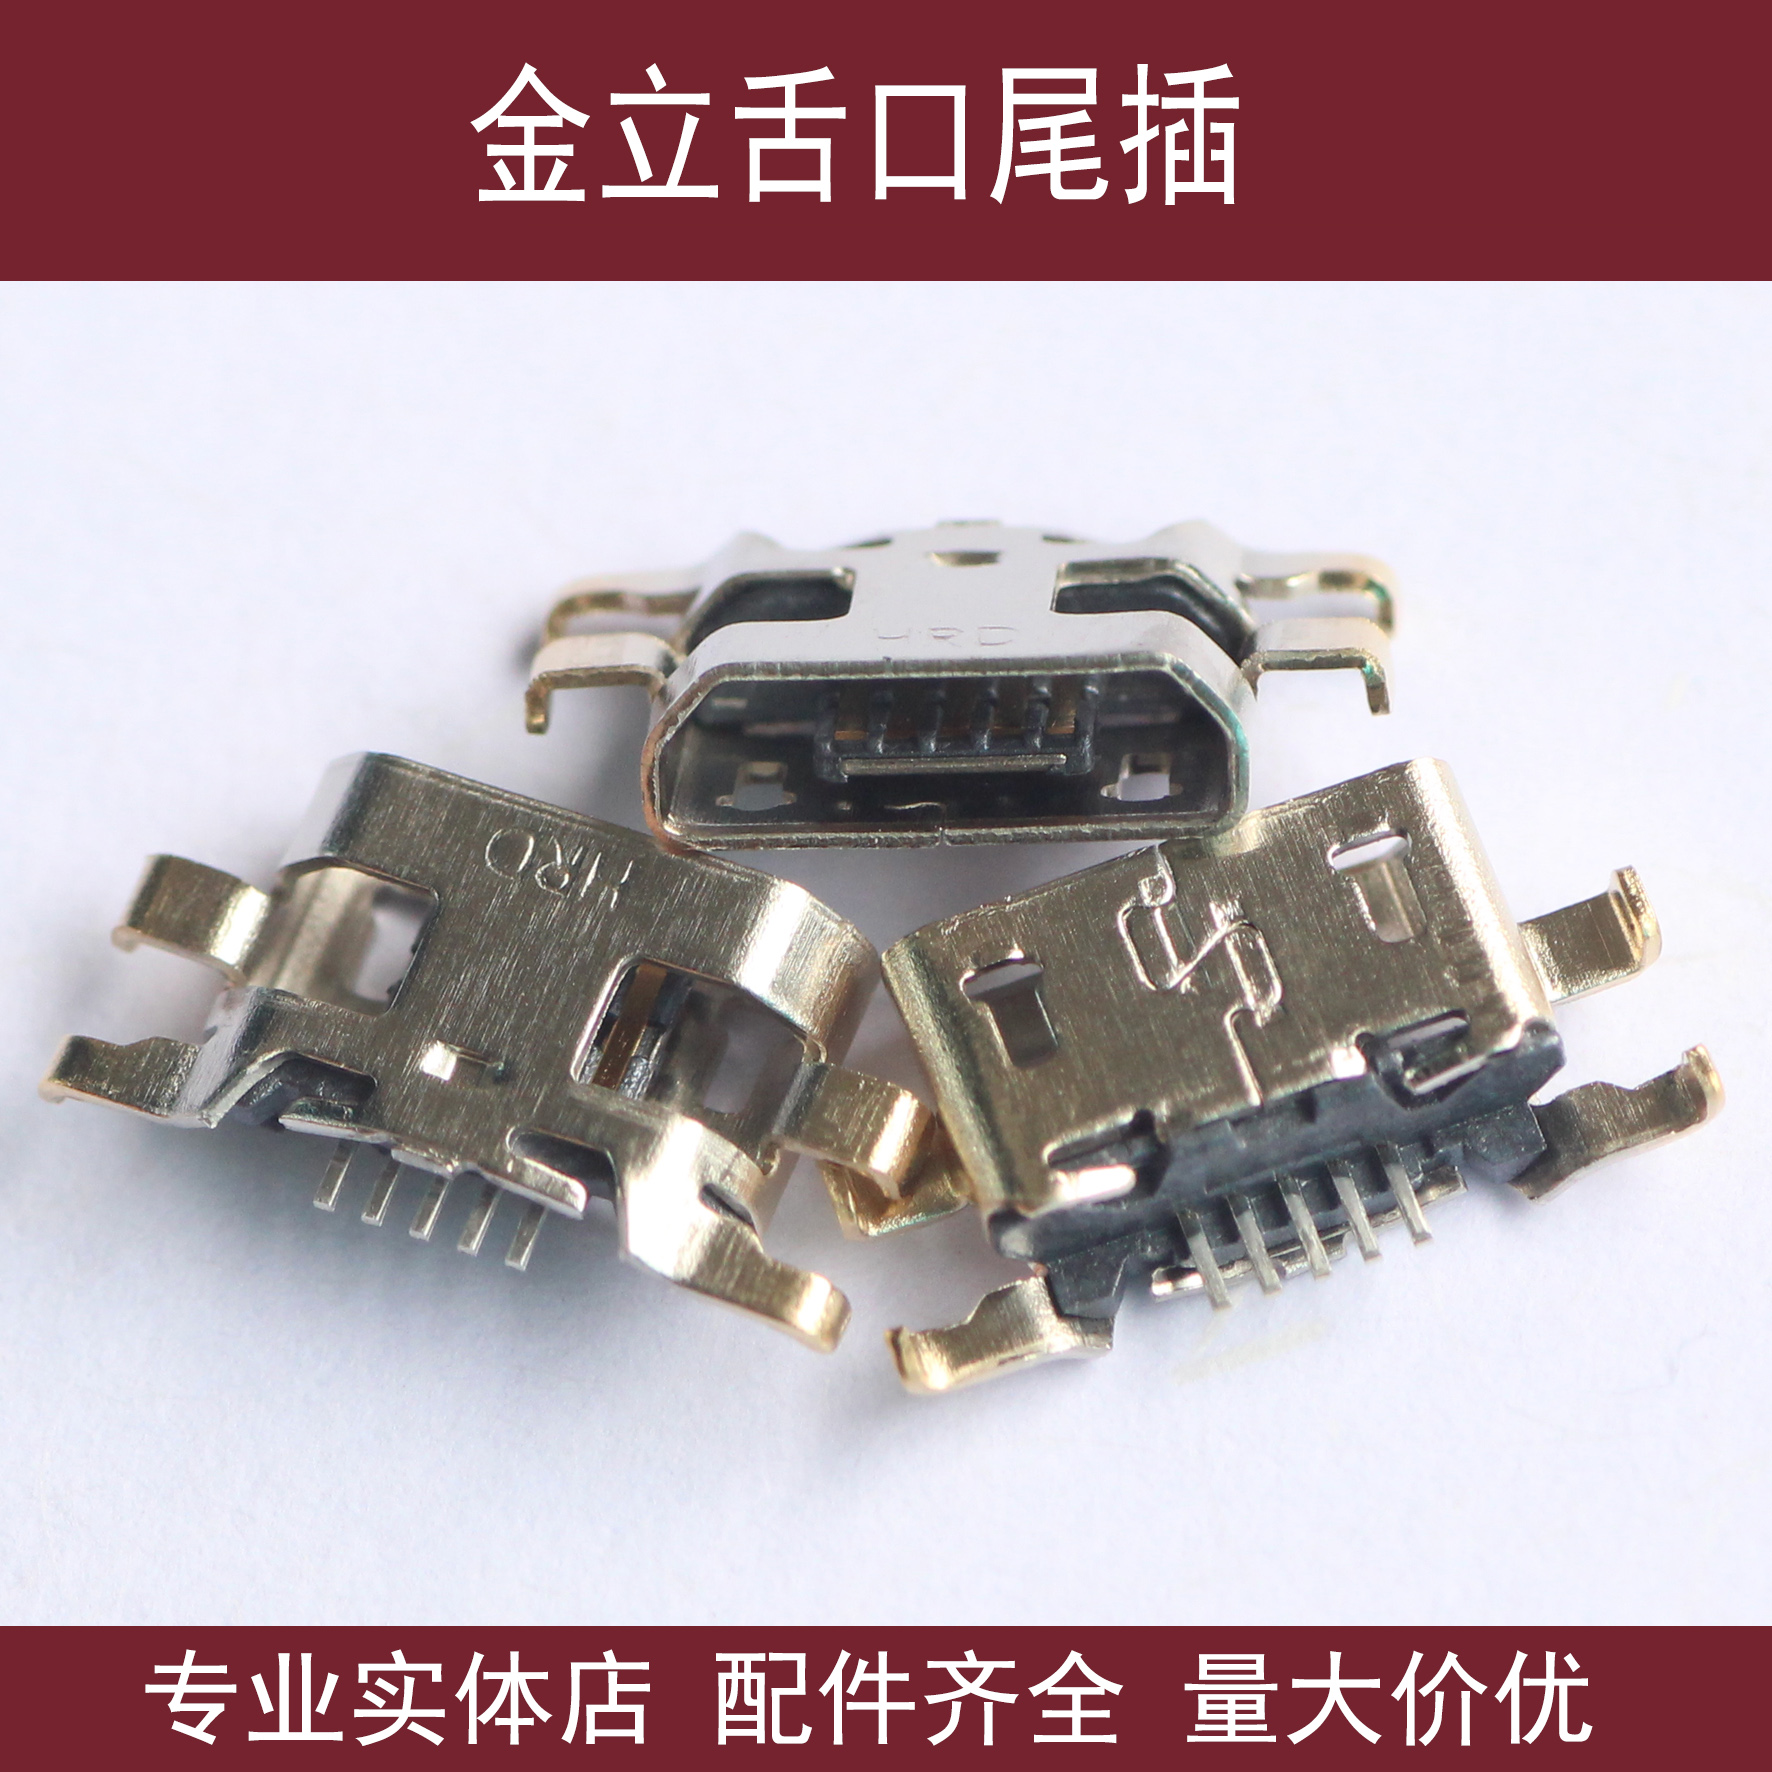 金立F103 F100 W900 V188 GN5001 GN151 GN152 GN3001尾插 充电口